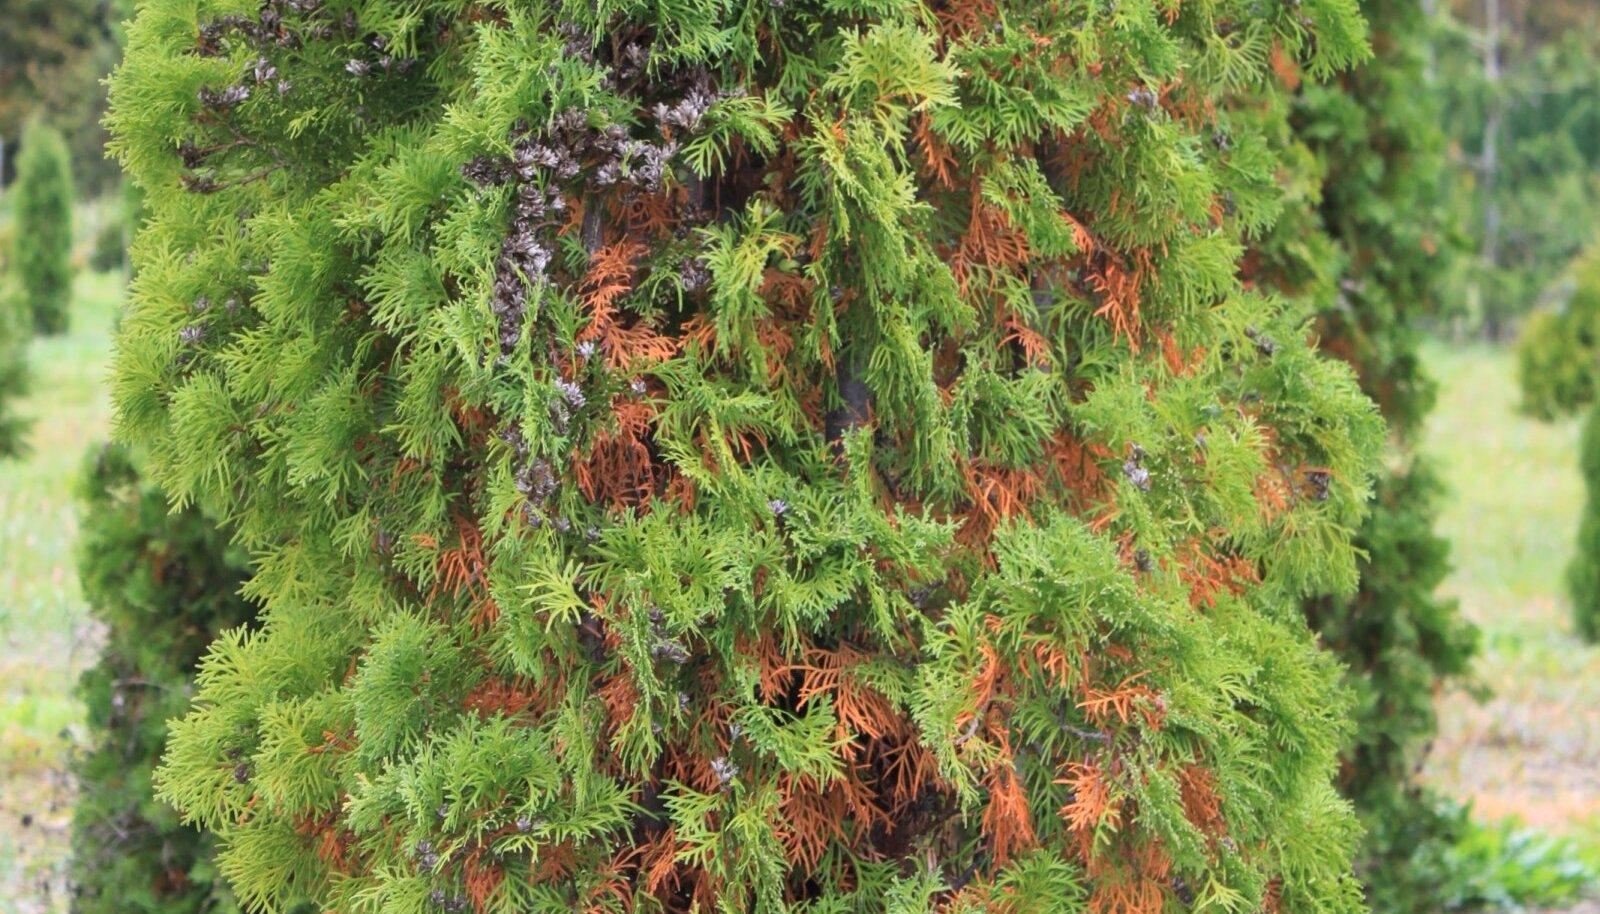 Harilik elupuu on sügisese okkavahetuse ajal pruunikirju, kuid kevadel pruunid okkad varisevad.